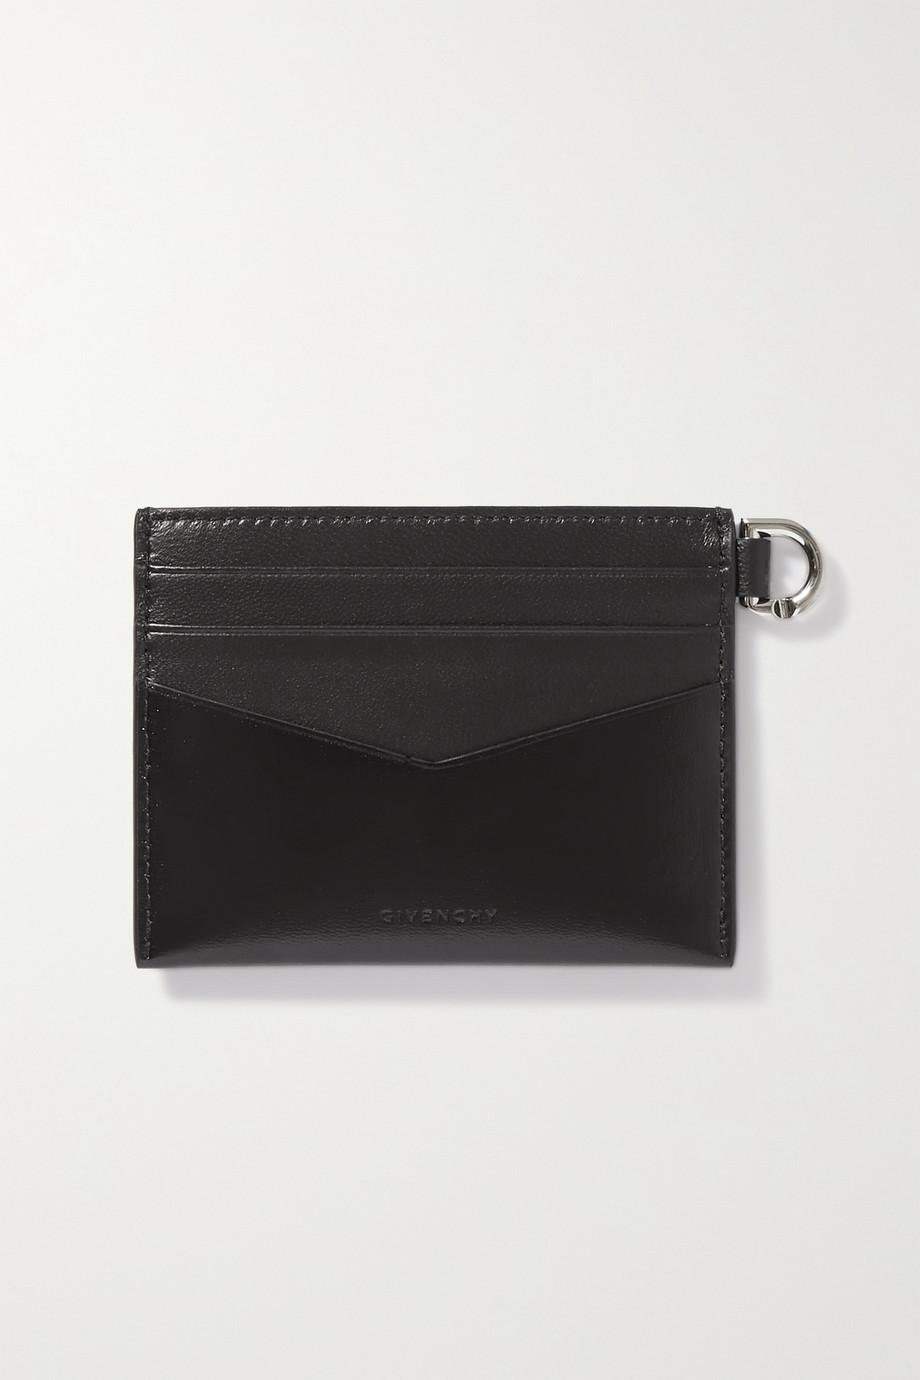 Givenchy Porte-cartes en cuir à ornements